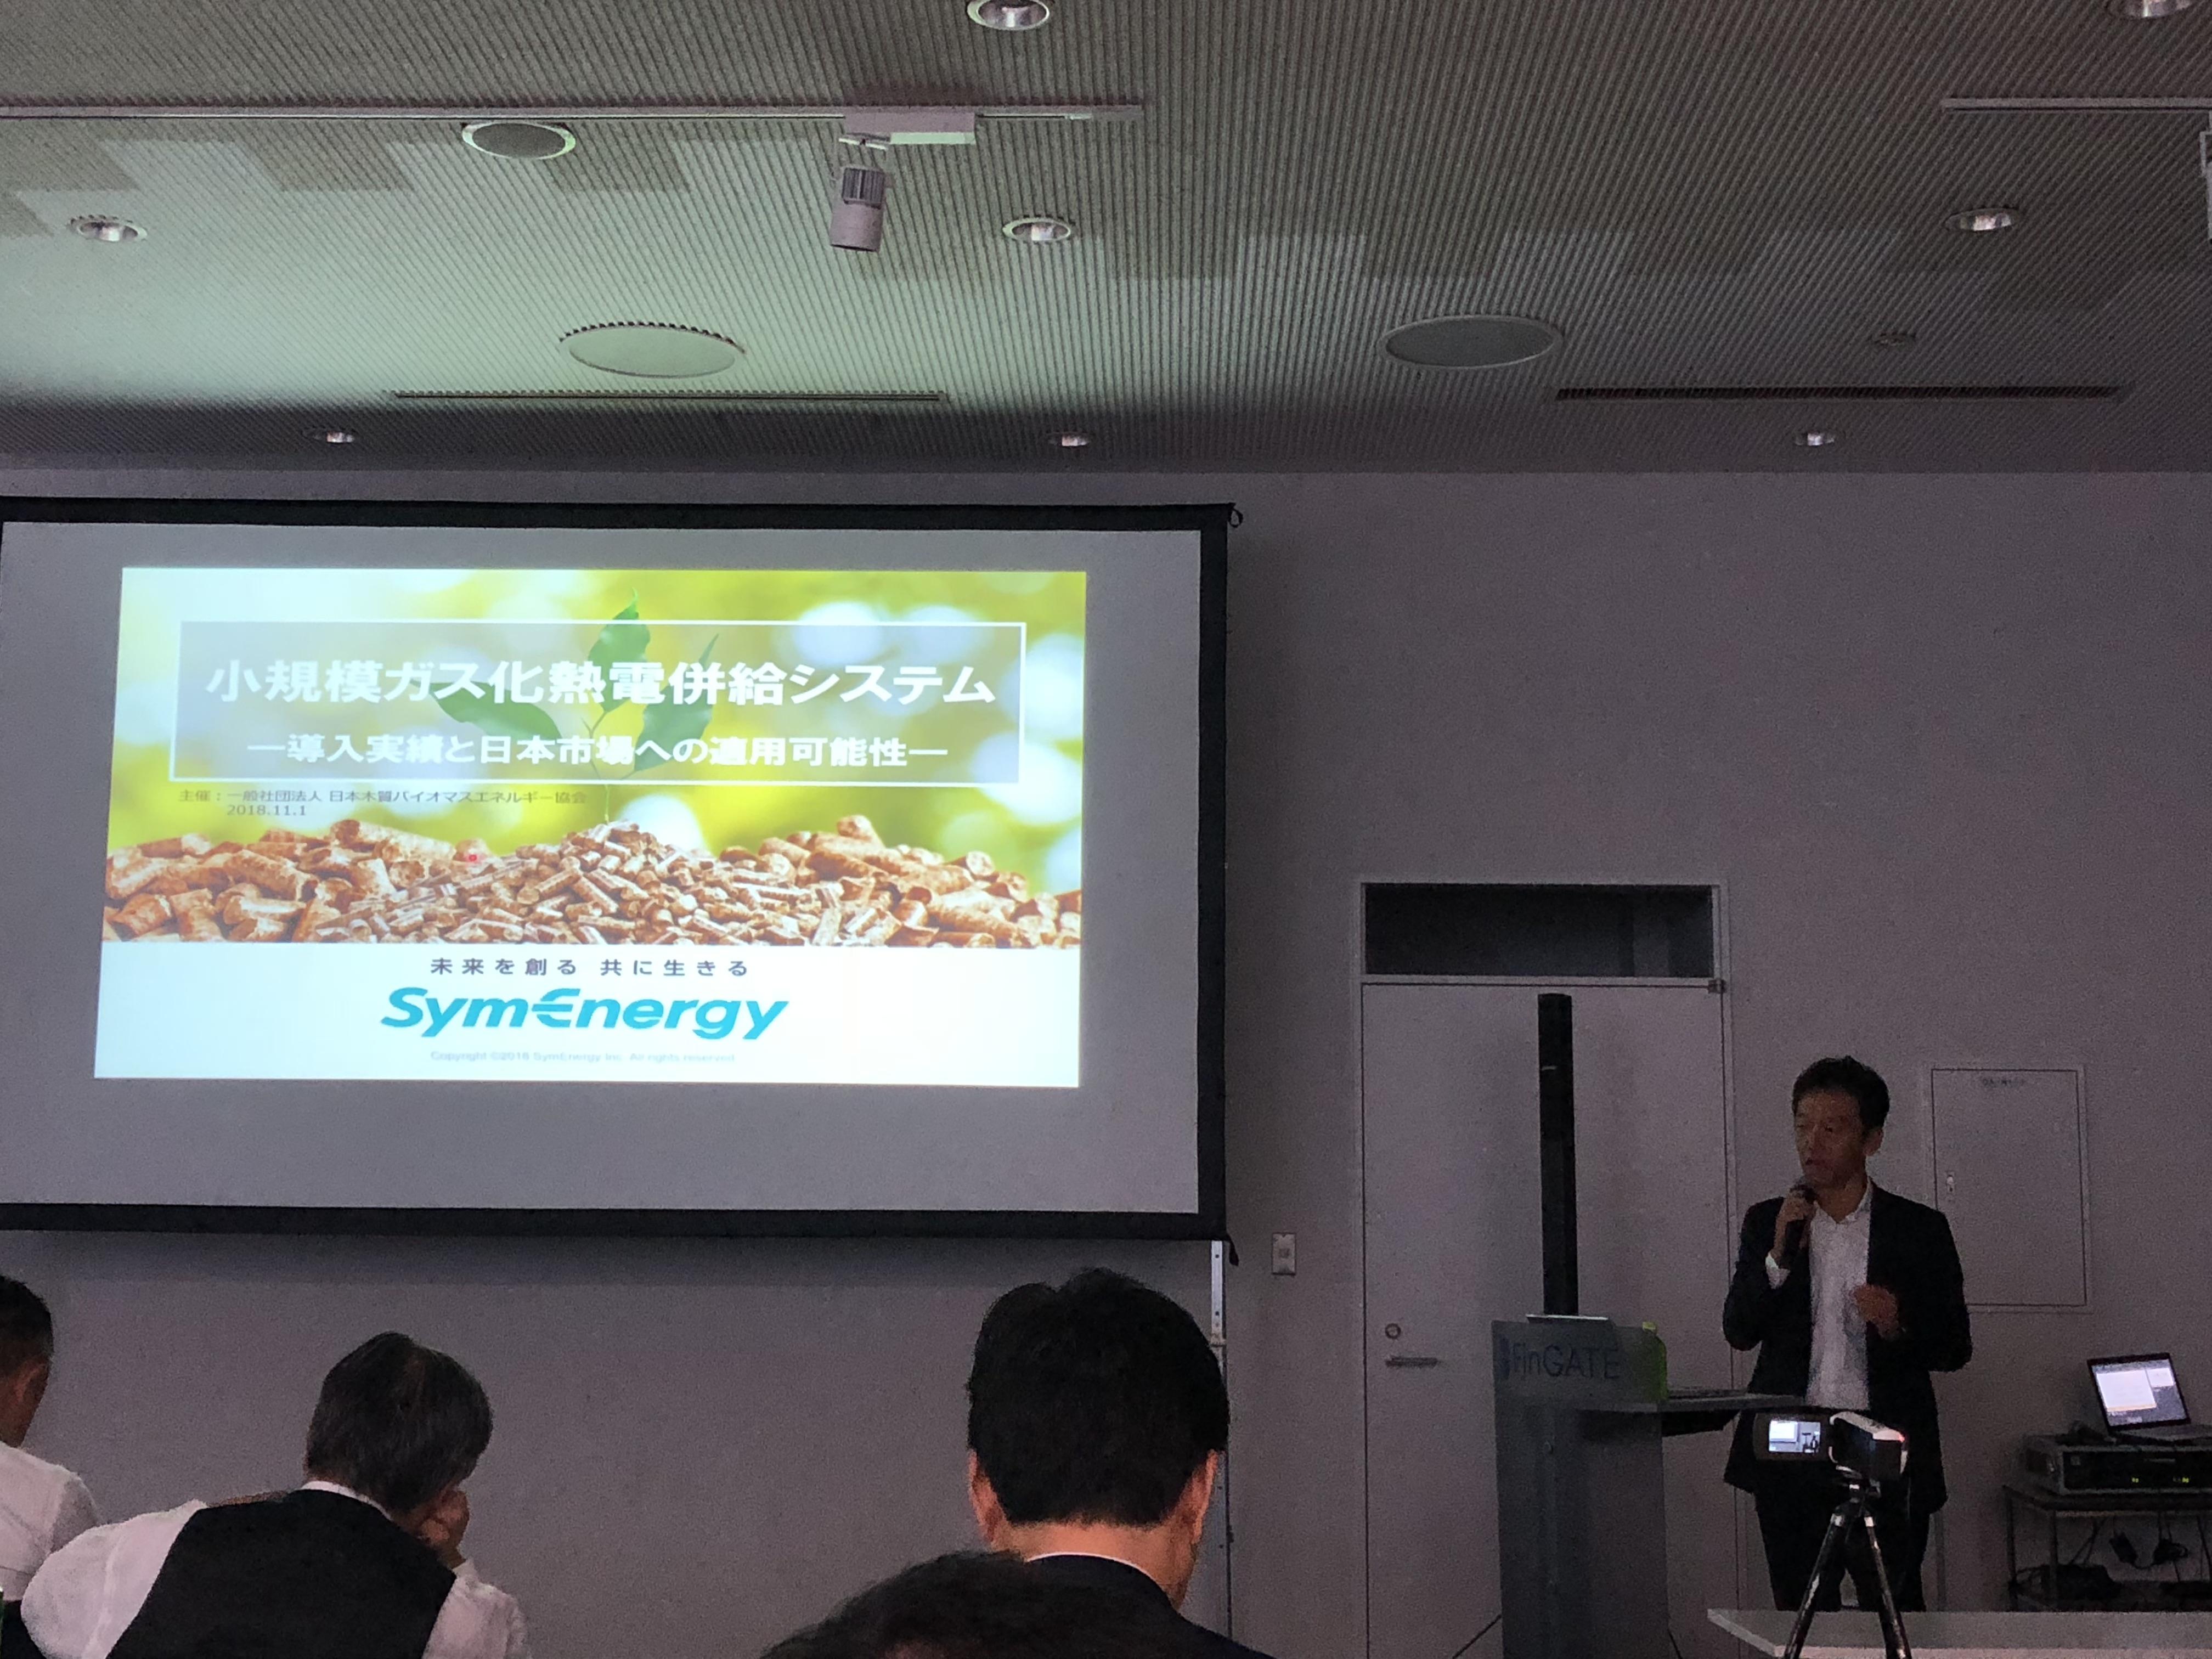 日本木質バイオマスエネルギー協会(JWBA)主催の勉強会で講義